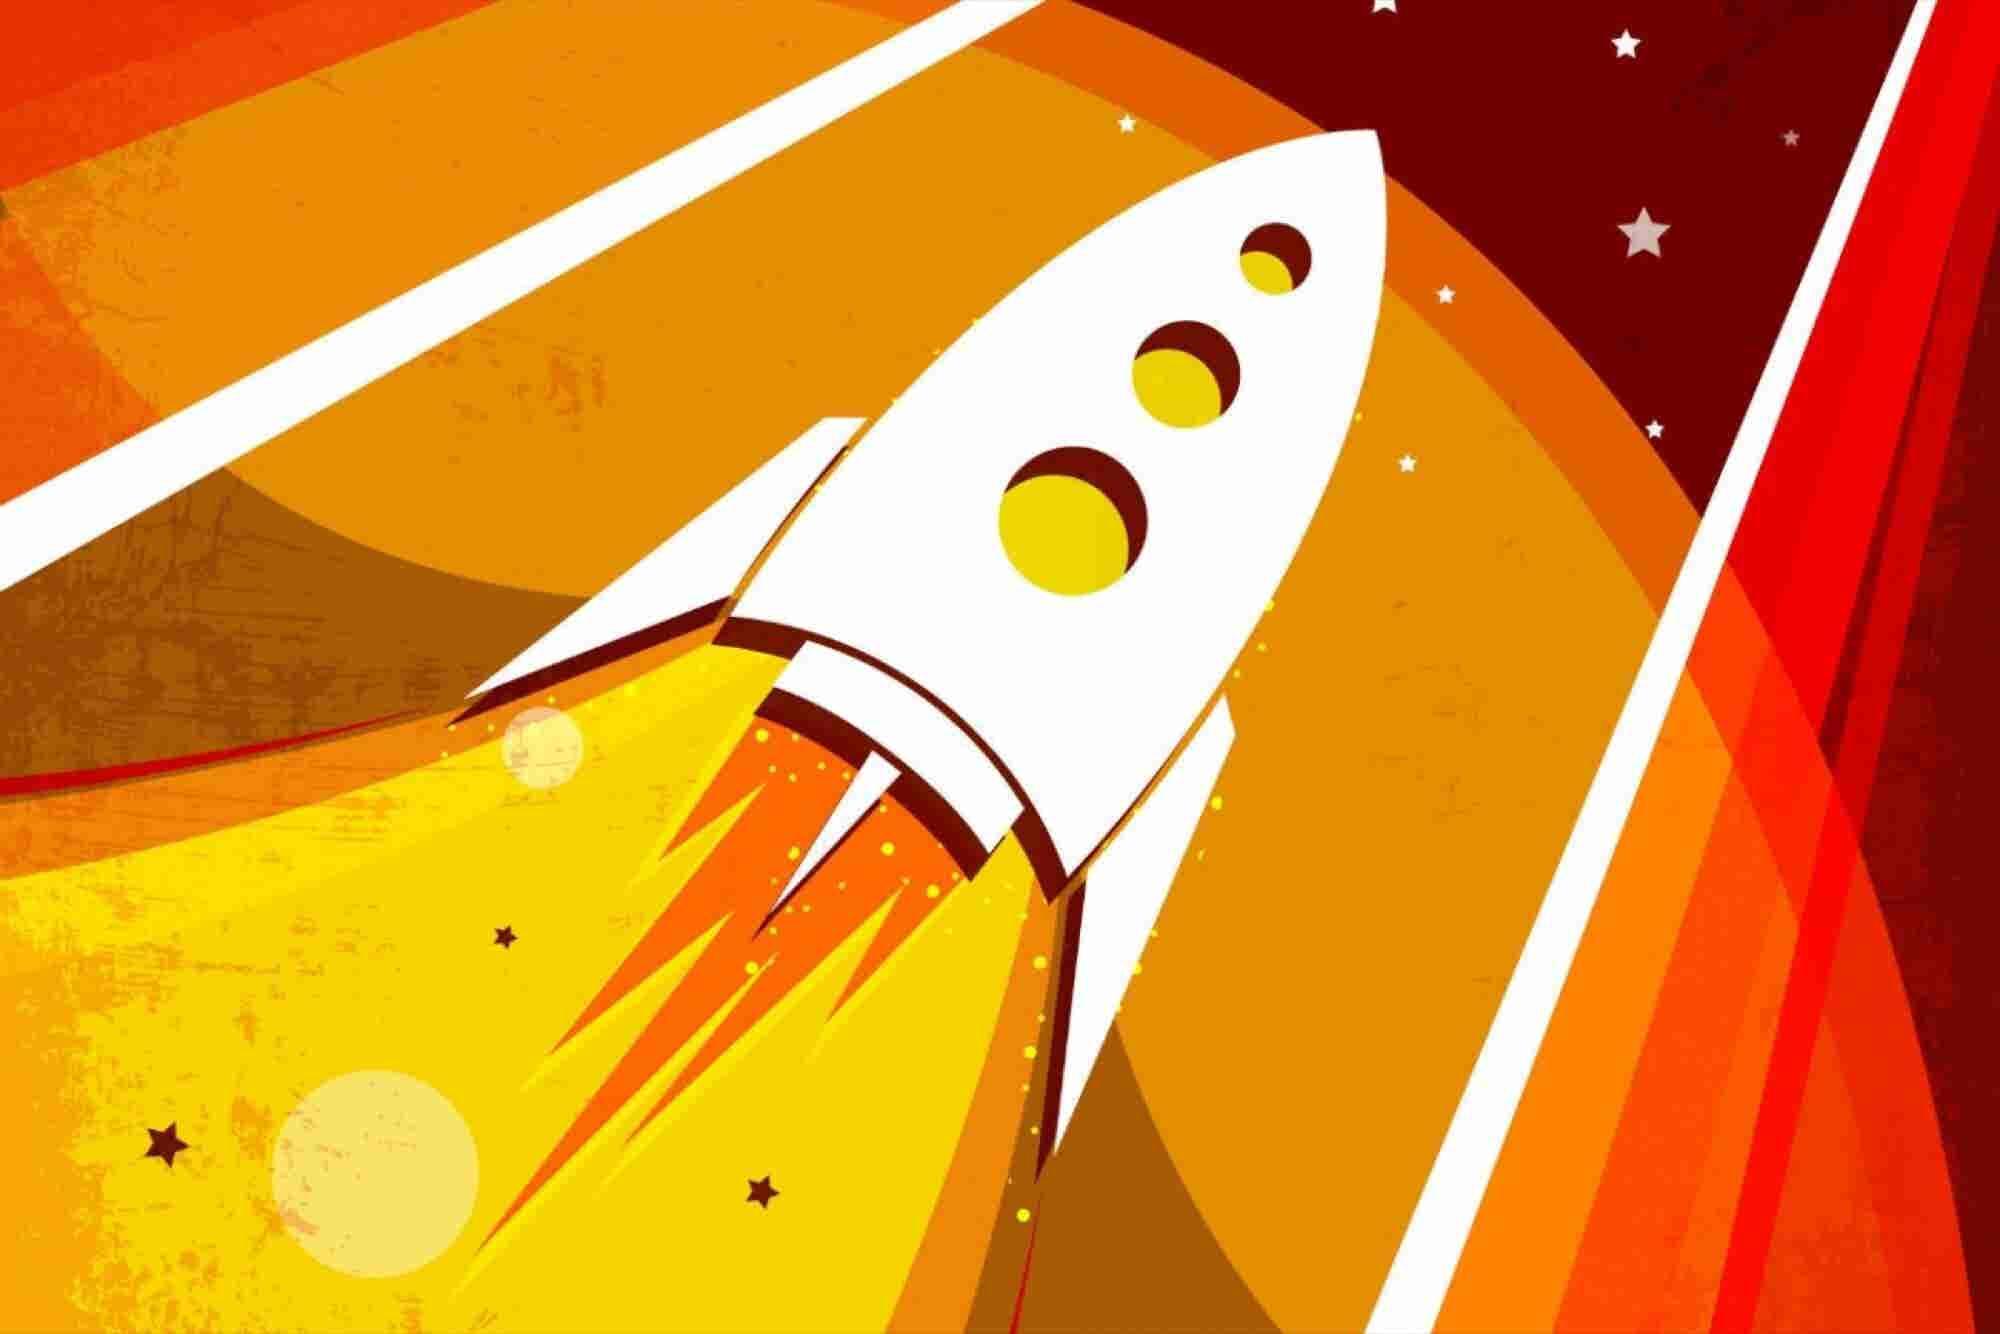 INCmty listo para impulsar las ideas exponenciales que revolucionan el ecosistema emprendedor